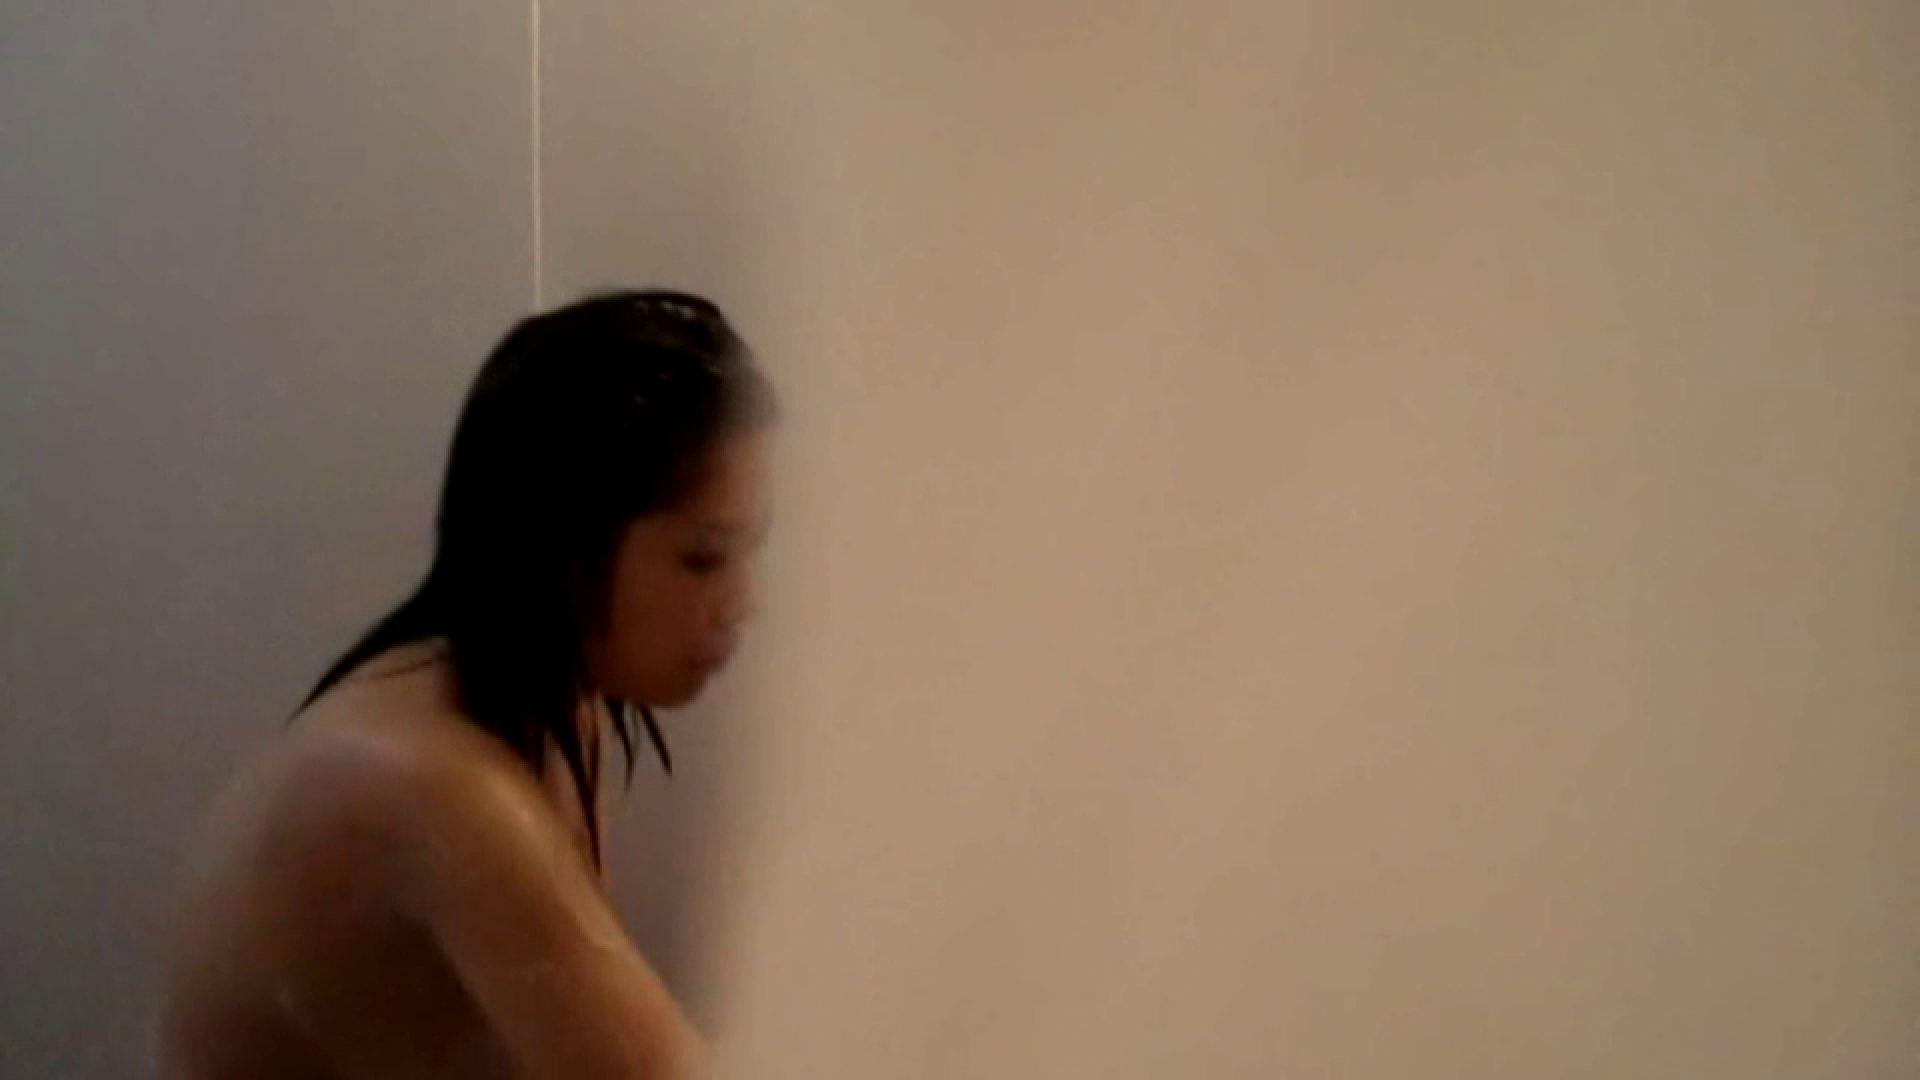 vol.2 葵のグラドル顔負けの爆乳を入浴シーンでどうぞ。 爆乳   ギャル達  110枚 97